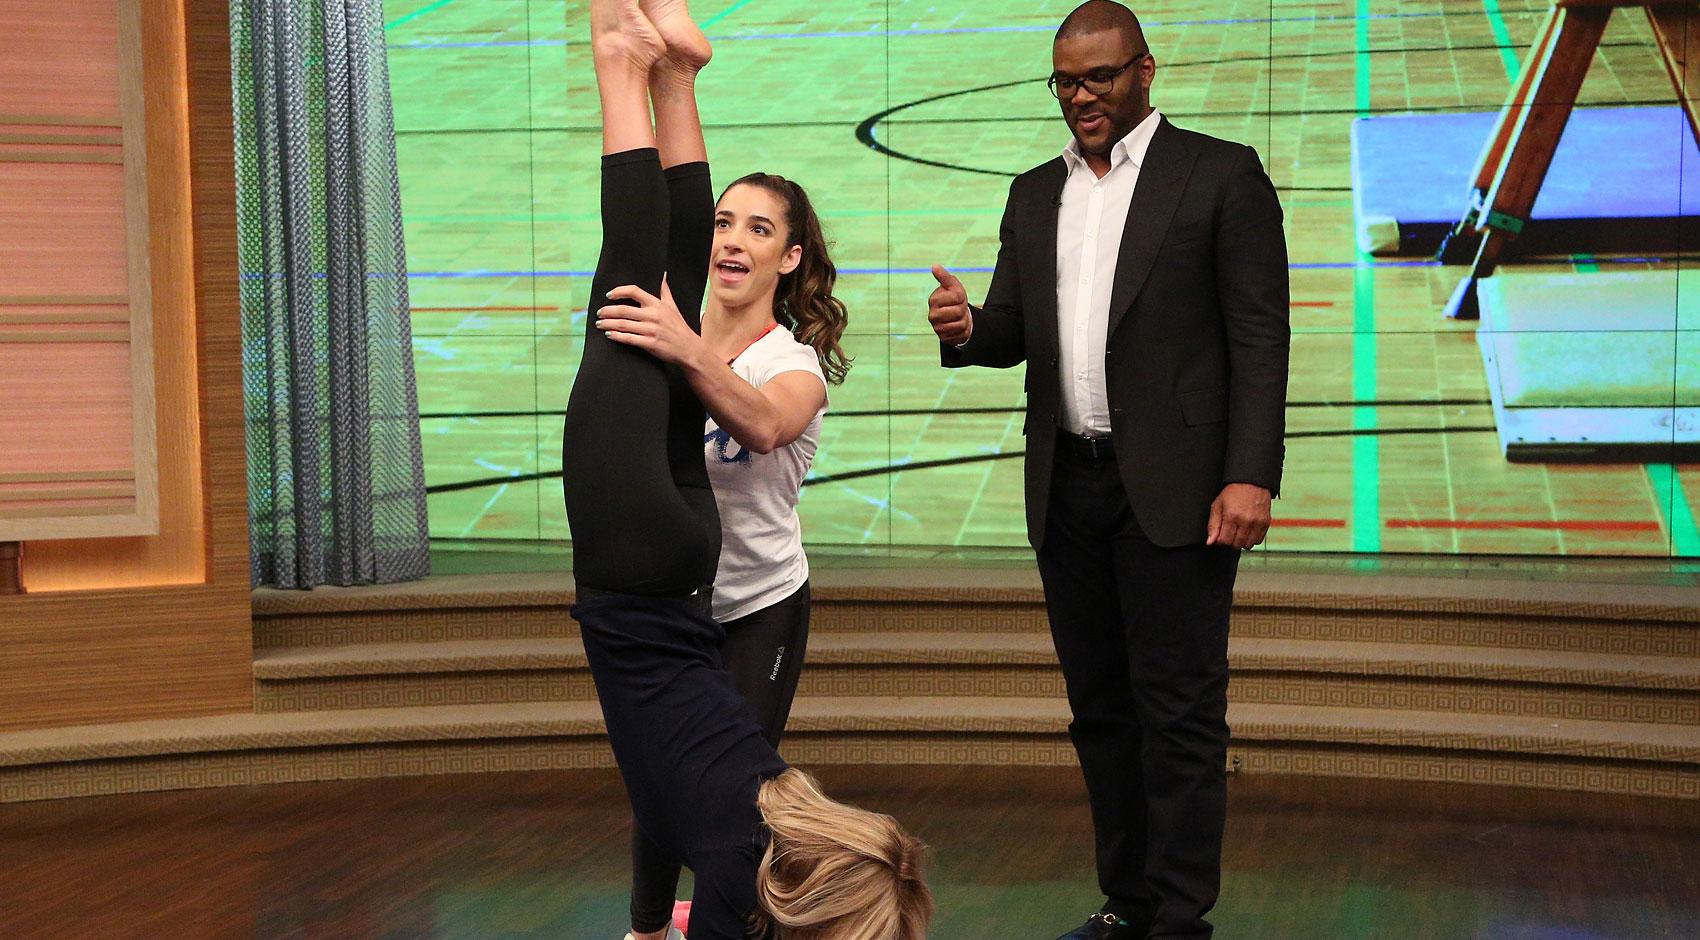 Aly raisman teaches kelly ripa some gymnastics moves video